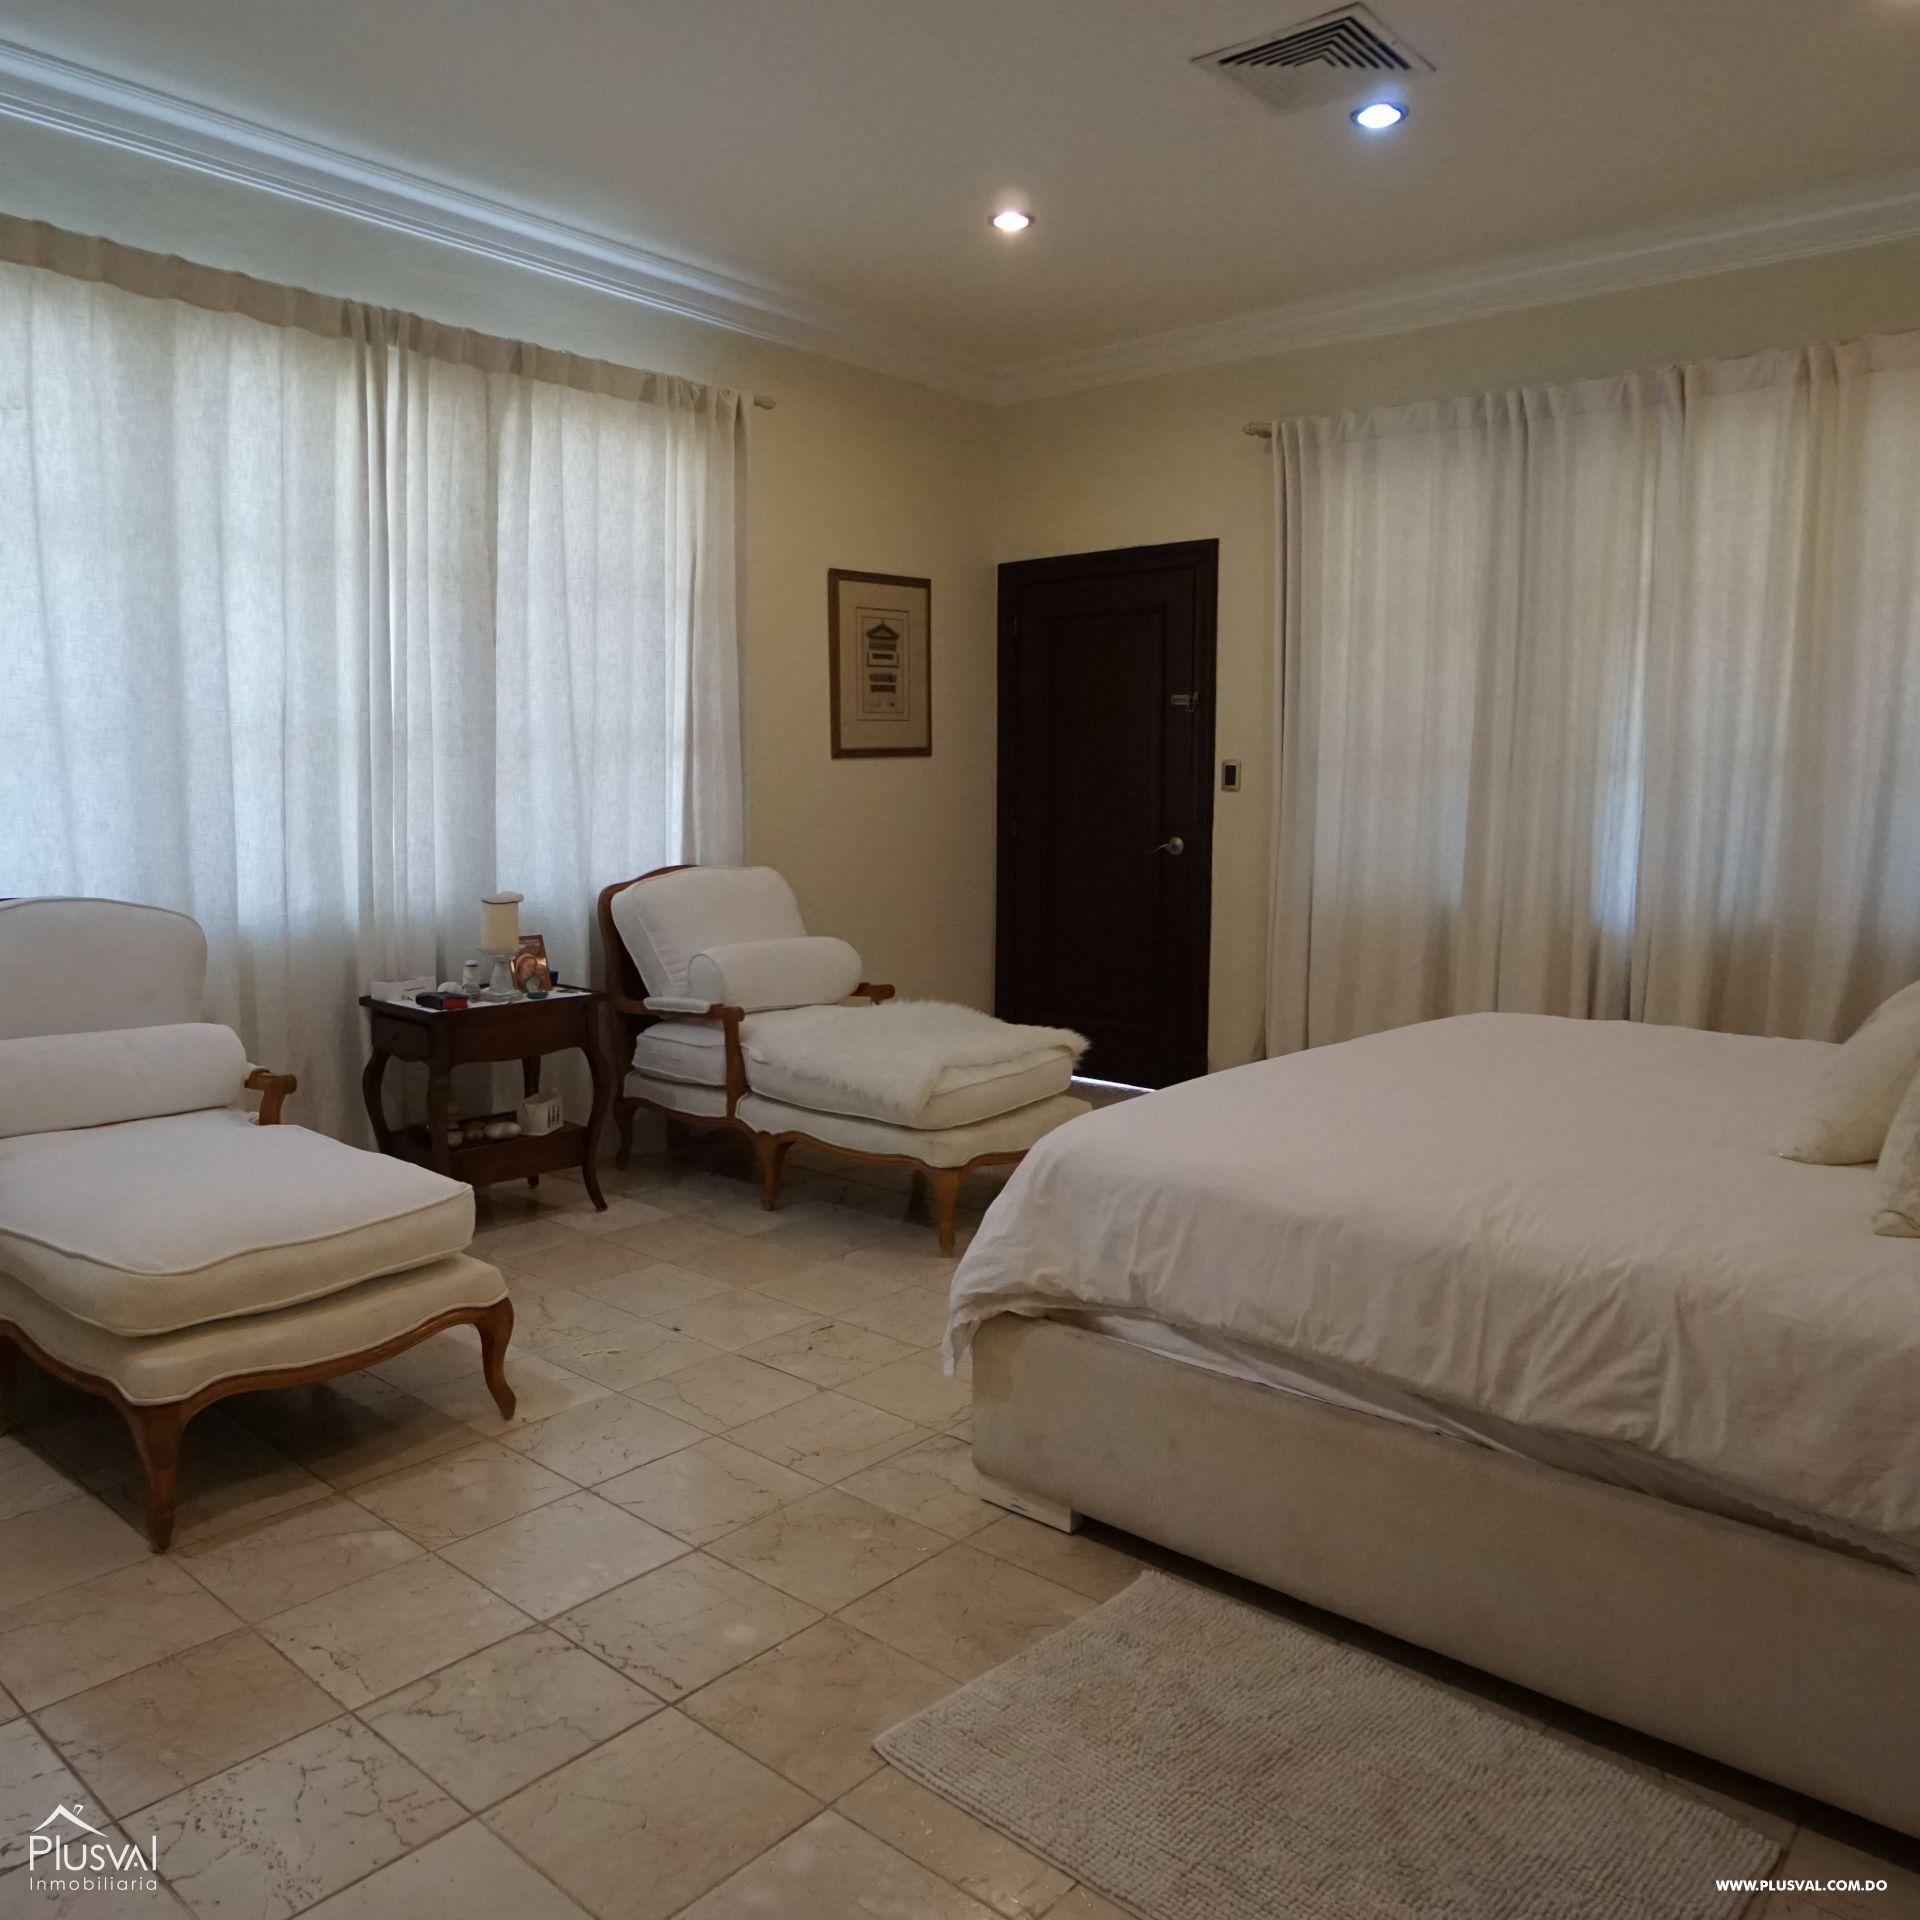 Casa de lujo en venta Arroyo Hondo Viejo 165354